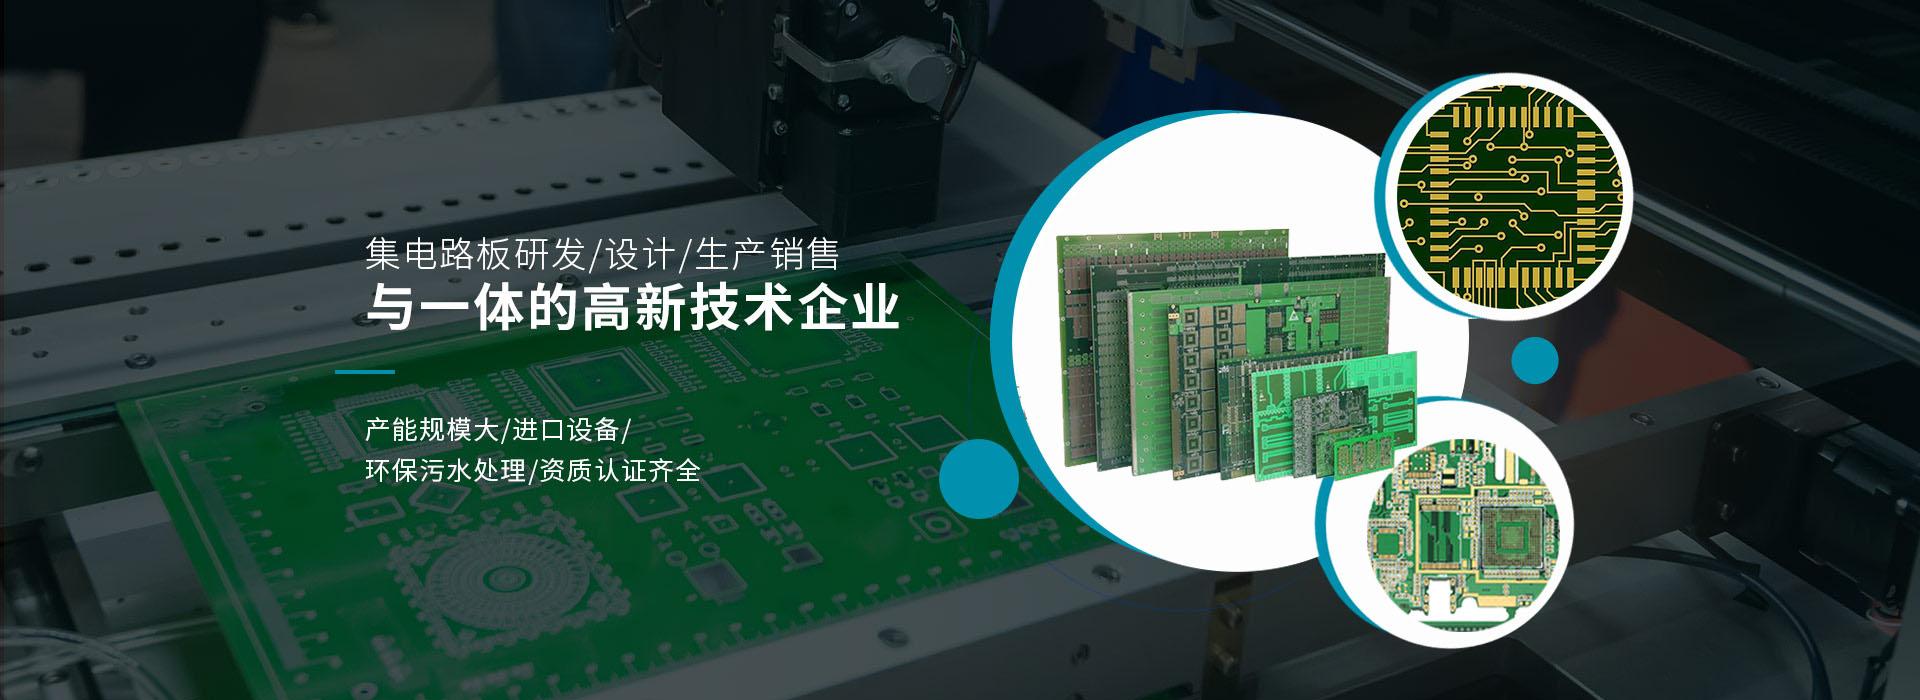 同创鑫-集电路板研发/设计/生产销售与一体的高新技术企业